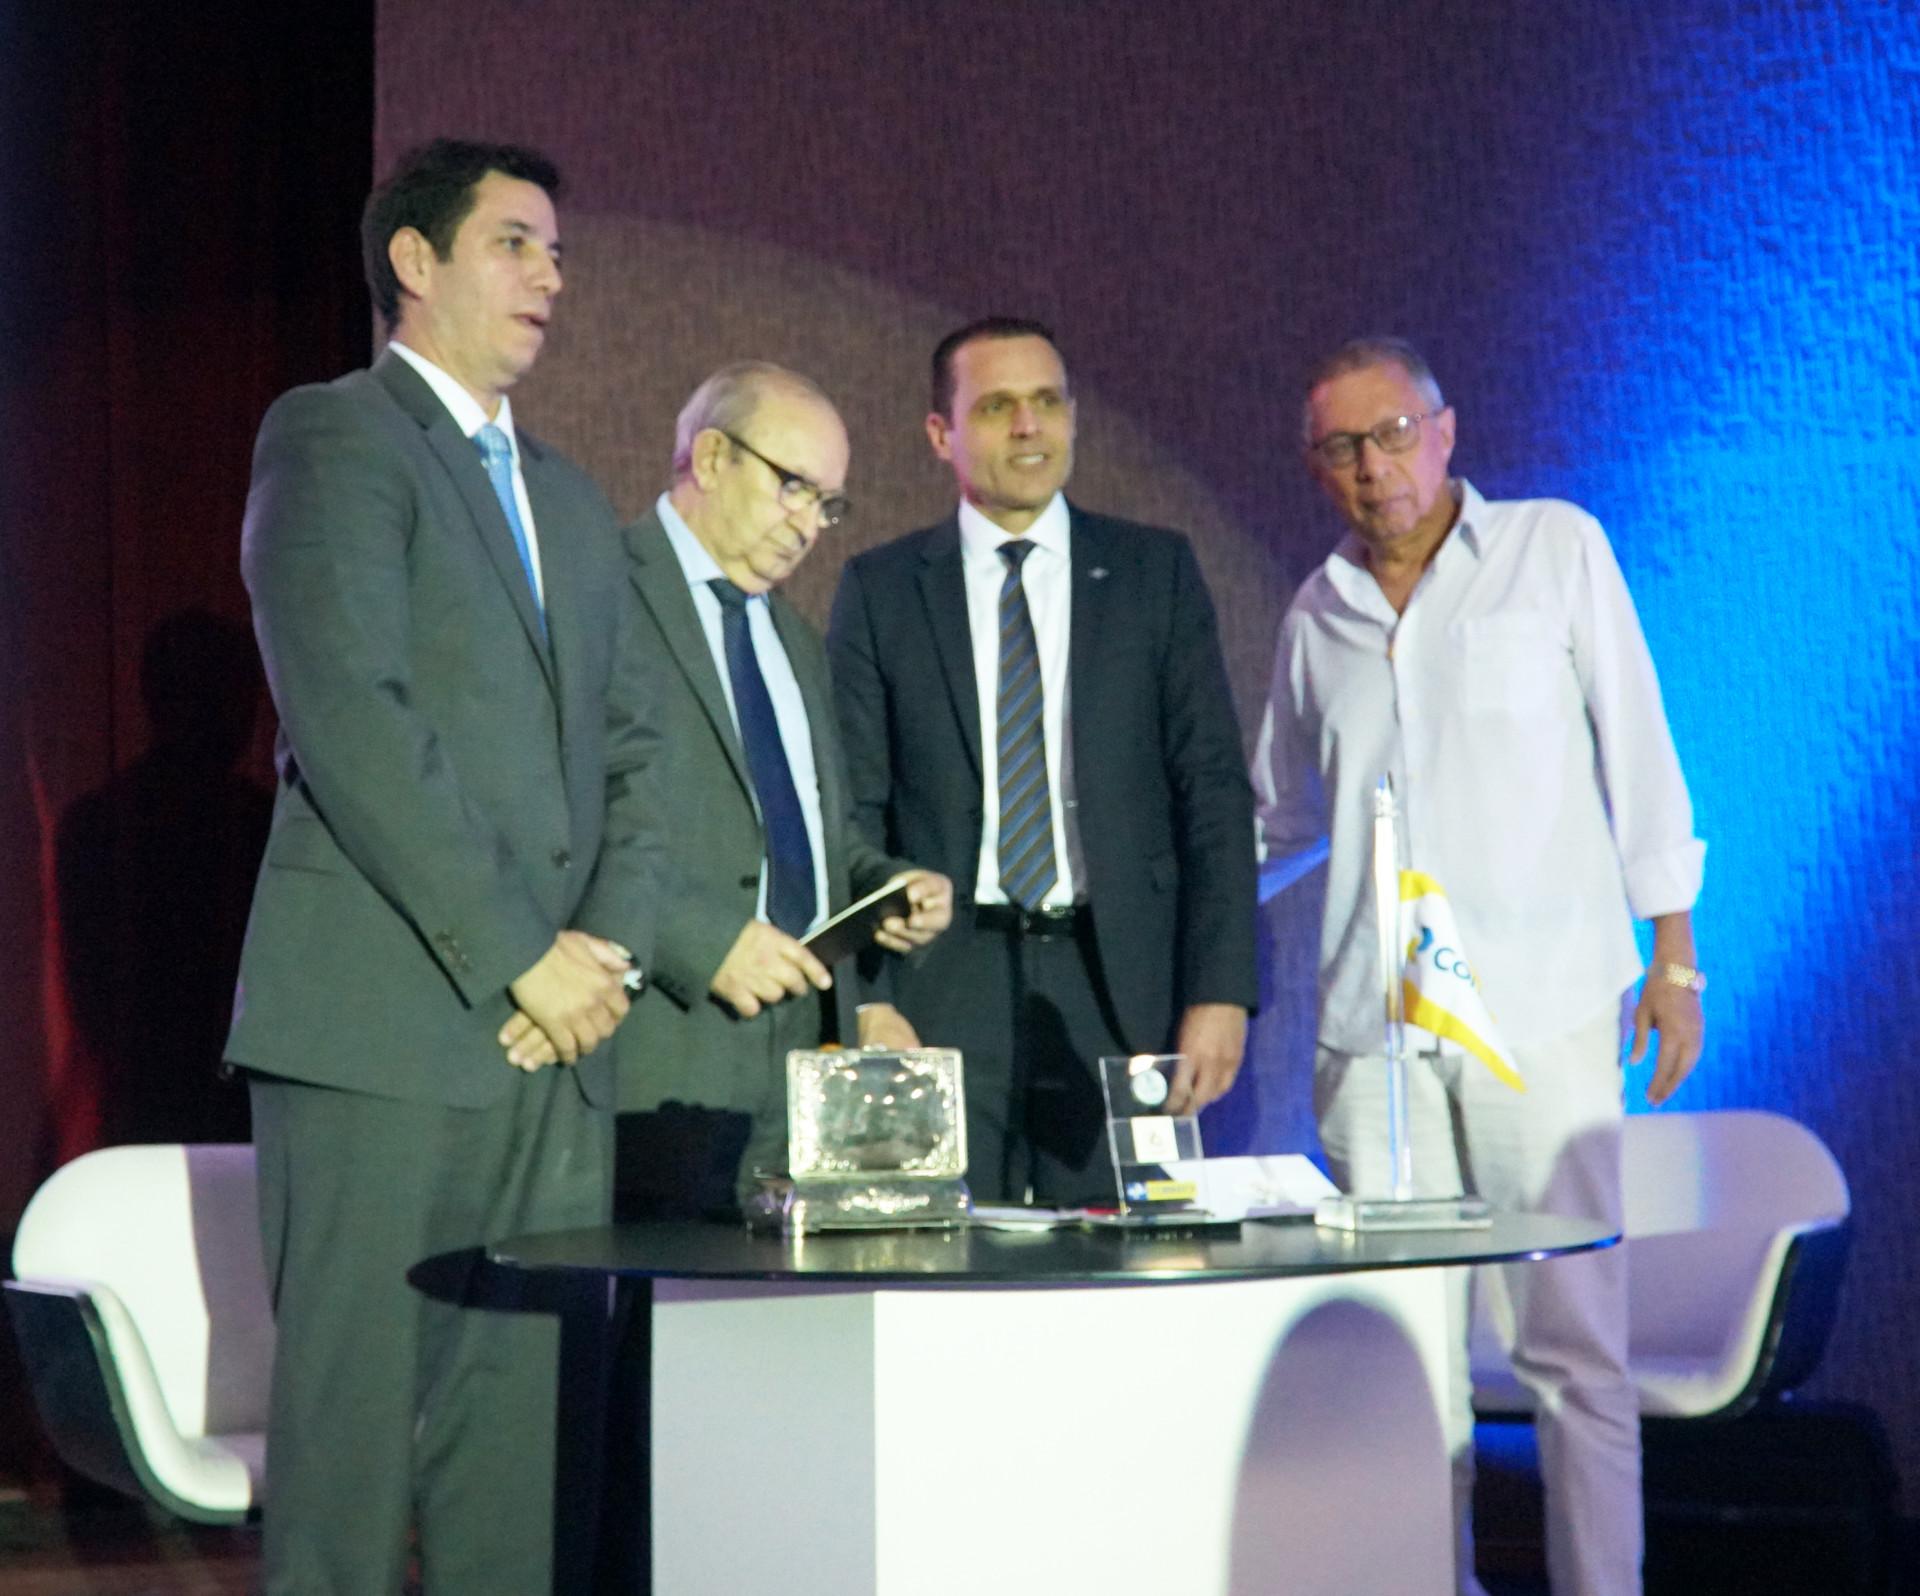 Lançamento do selo personalizado, alusivo aos 70 Anos de fundação da Federação das Indústrias da Paraíba.